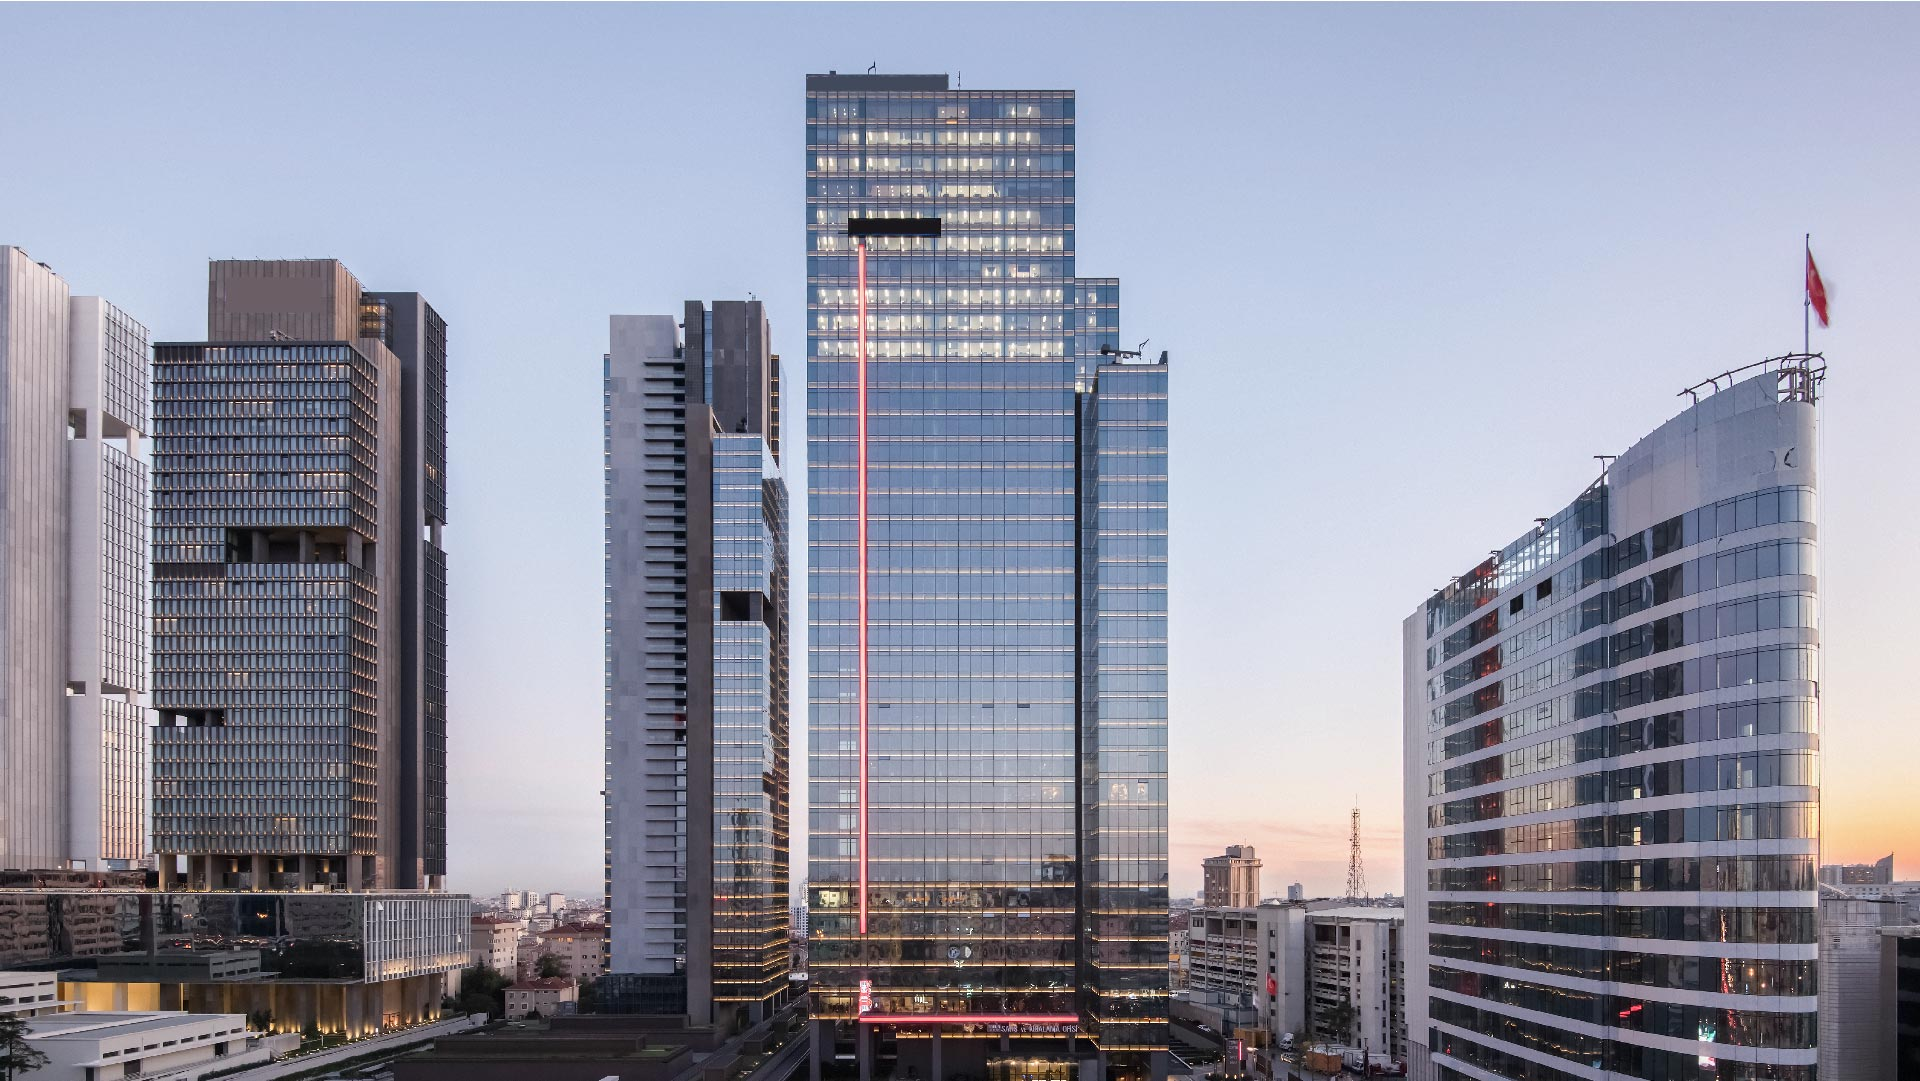 شقق إستثمارية للبيع في إسطنبول – مجيديه كوي